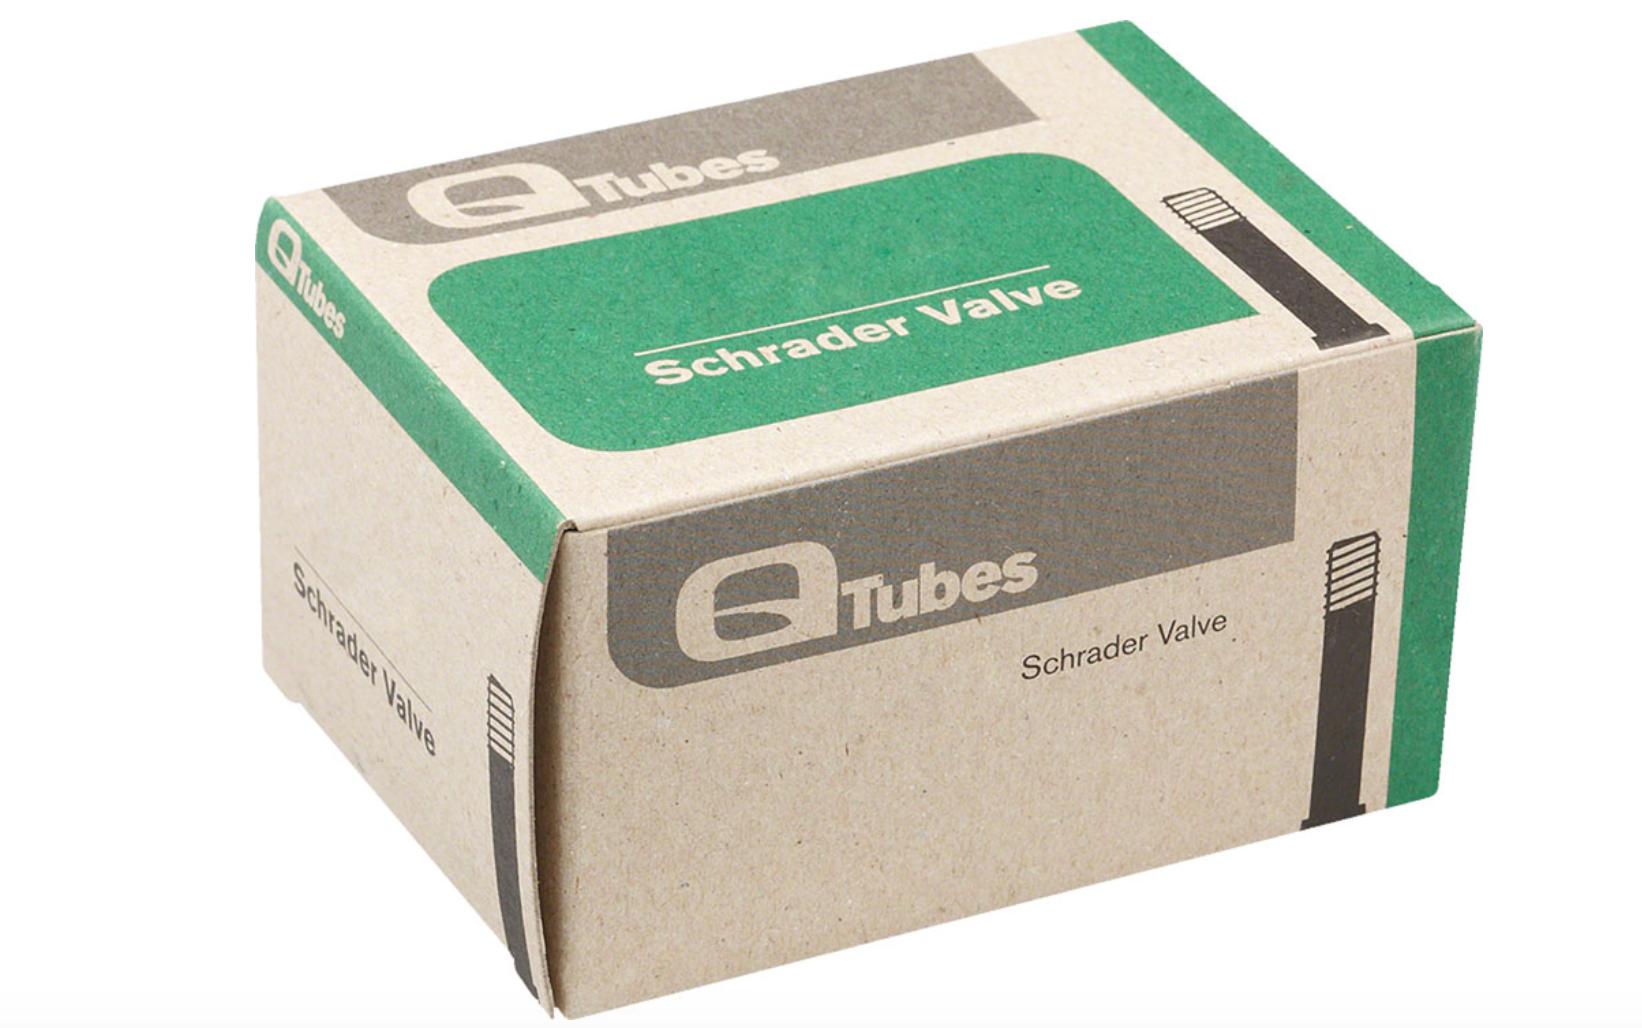 """Q-Tubes Q-Tubes 26 x 1.9-2.125"""" 48 mm Long Schrader Valve Tube inner tube"""